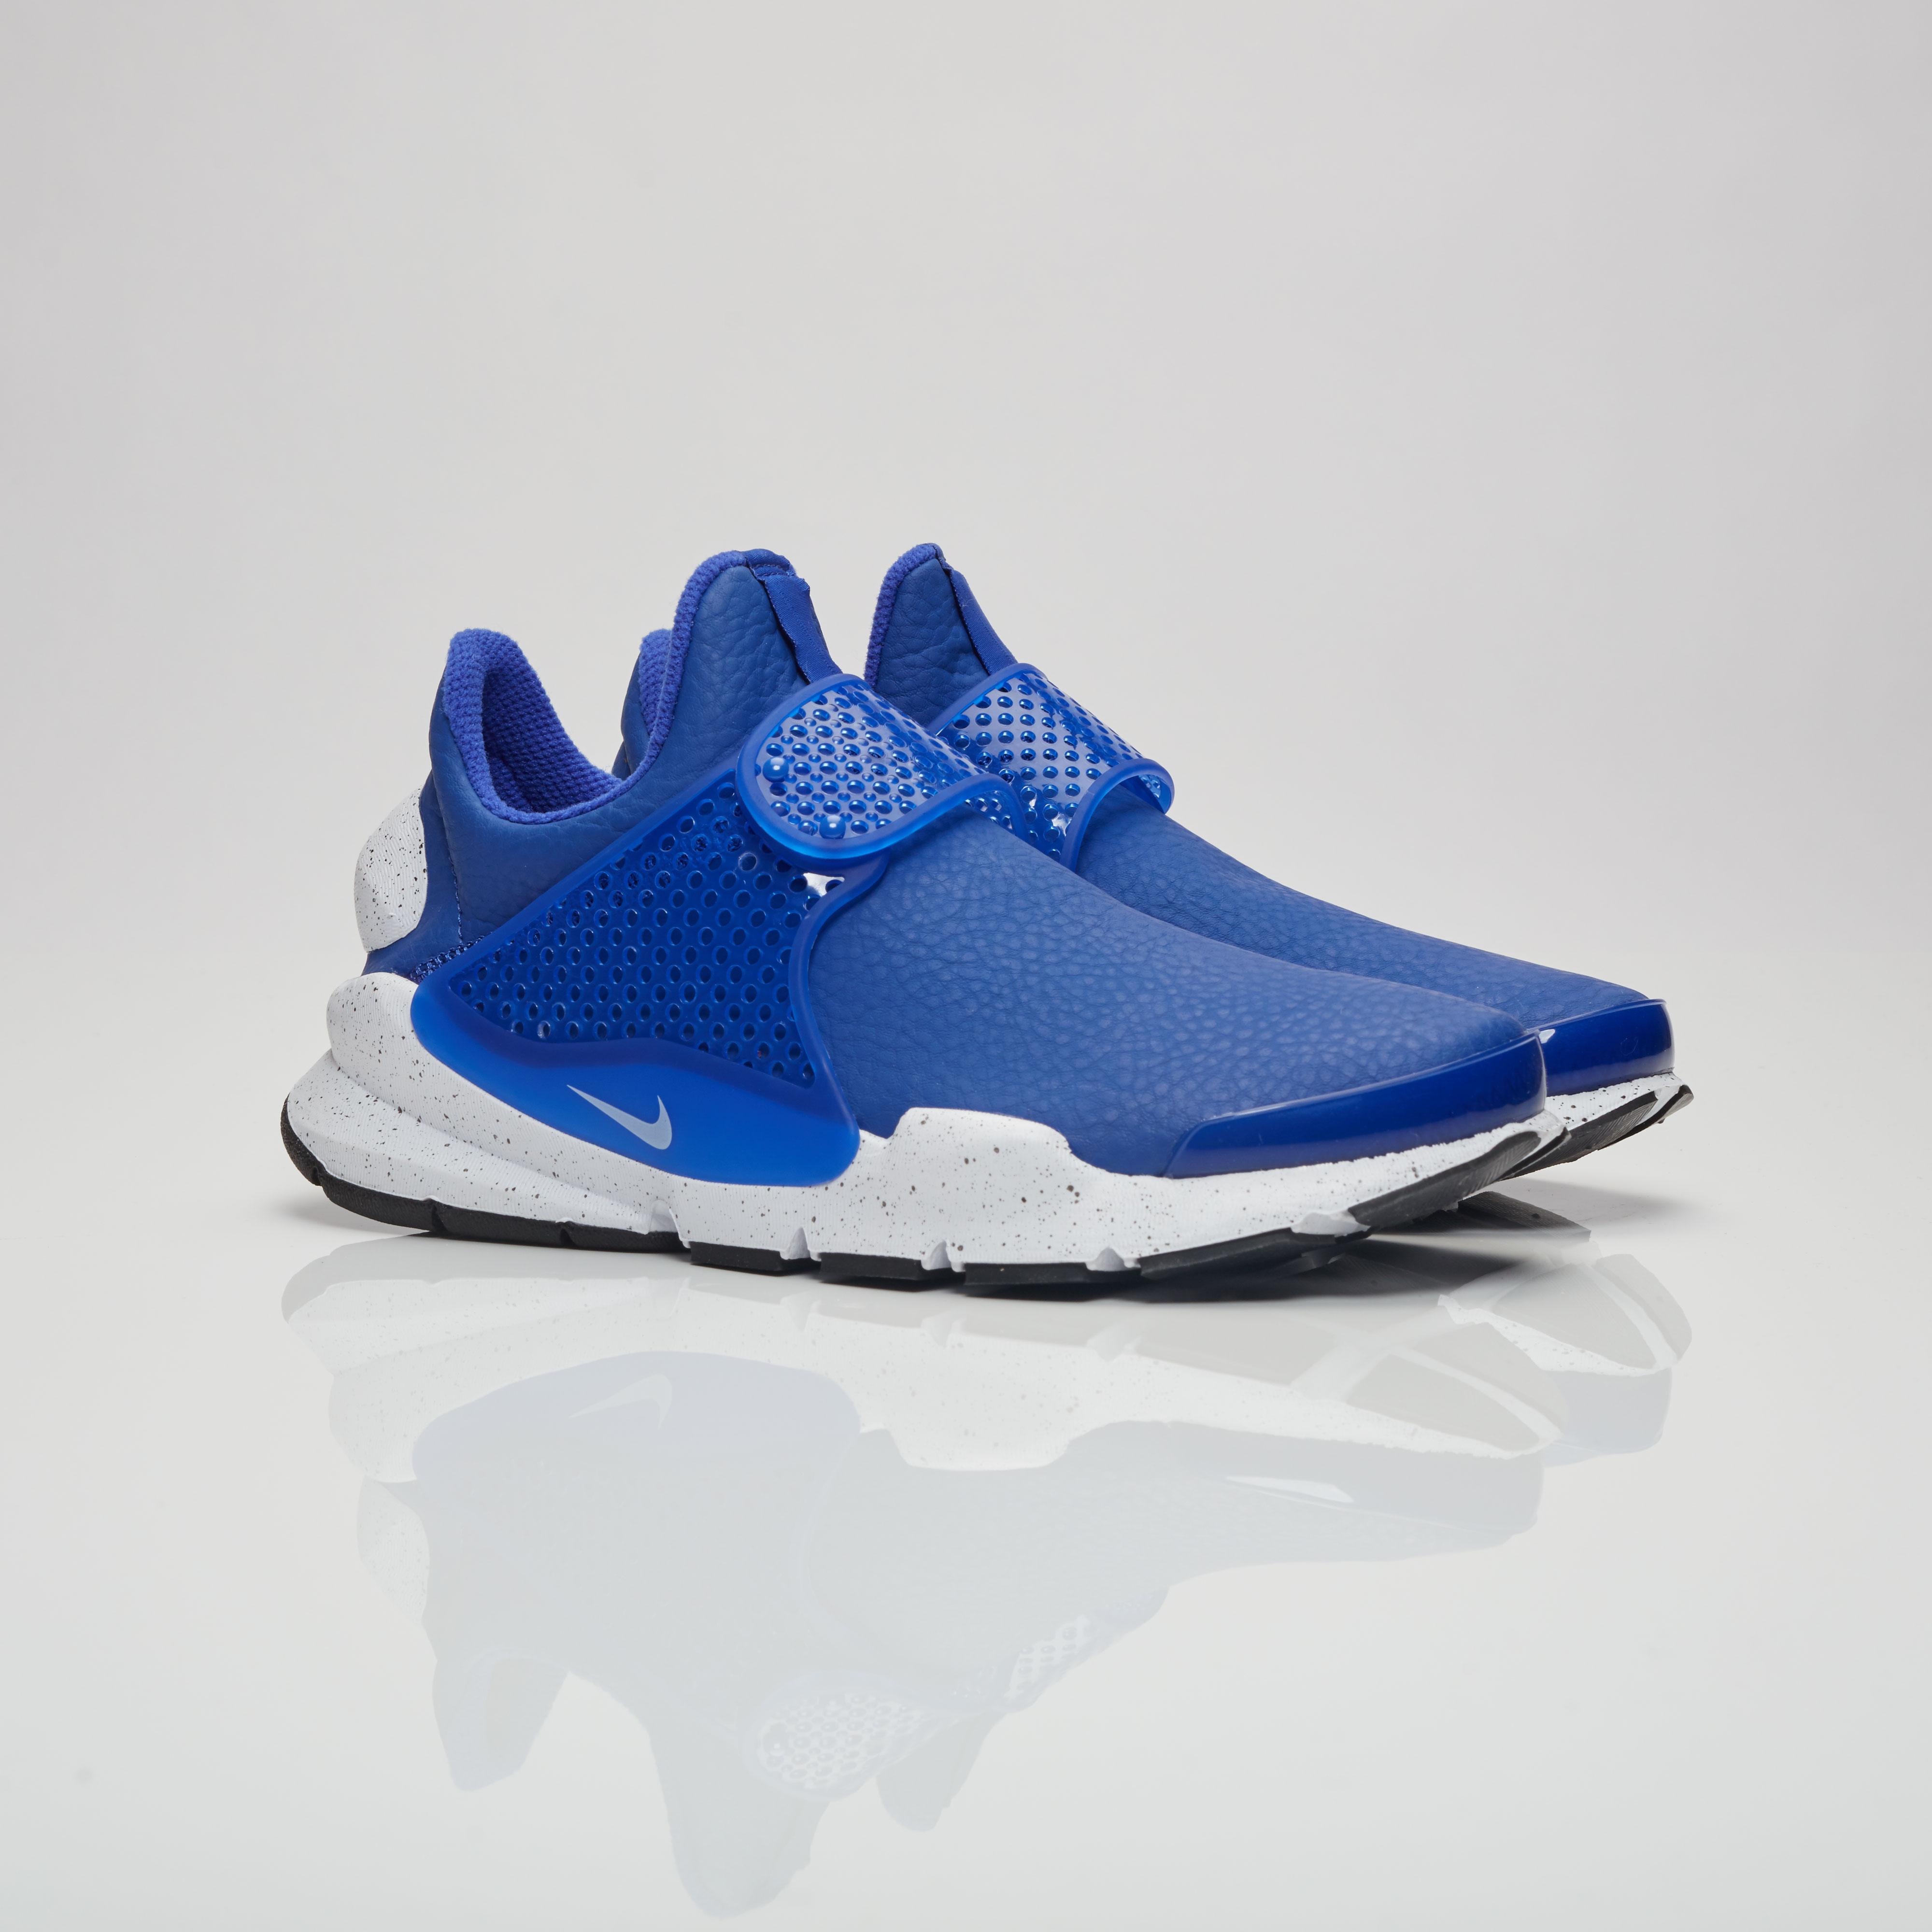 reputable site 1cca4 a4a9f Nike Sportswear Sock Dart Premium